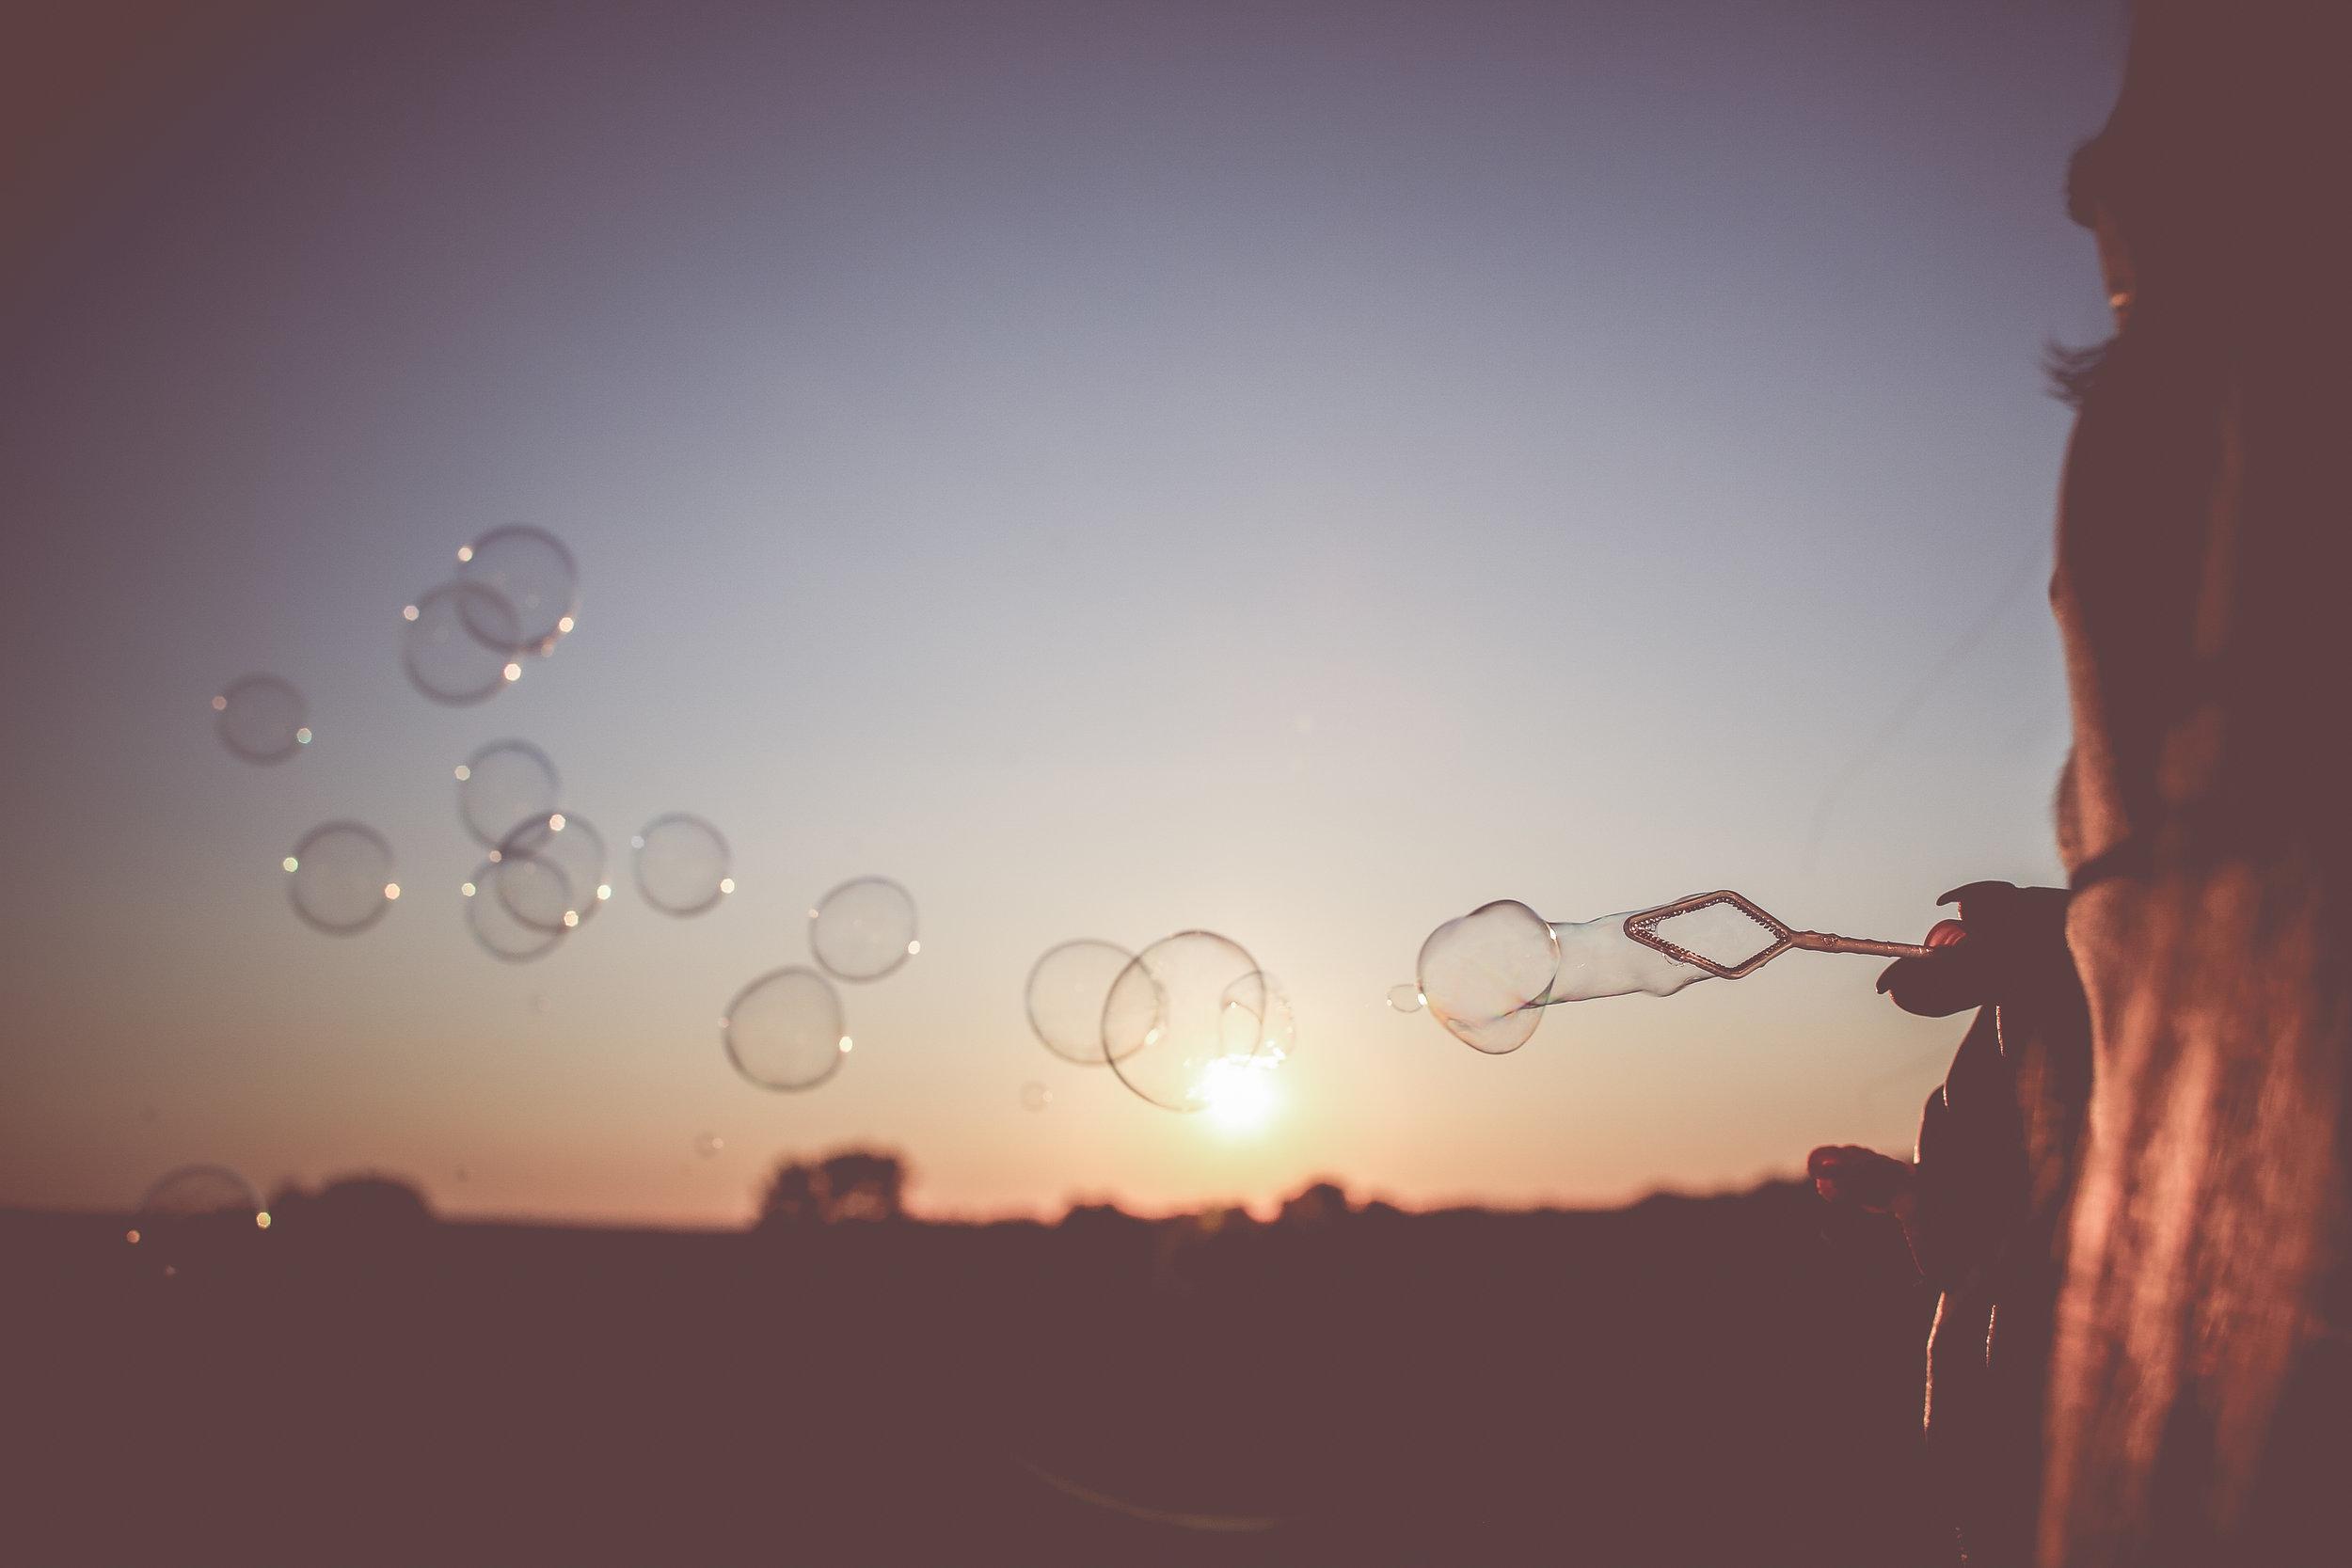 sunset-bubbles-picjumbo-com.jpg